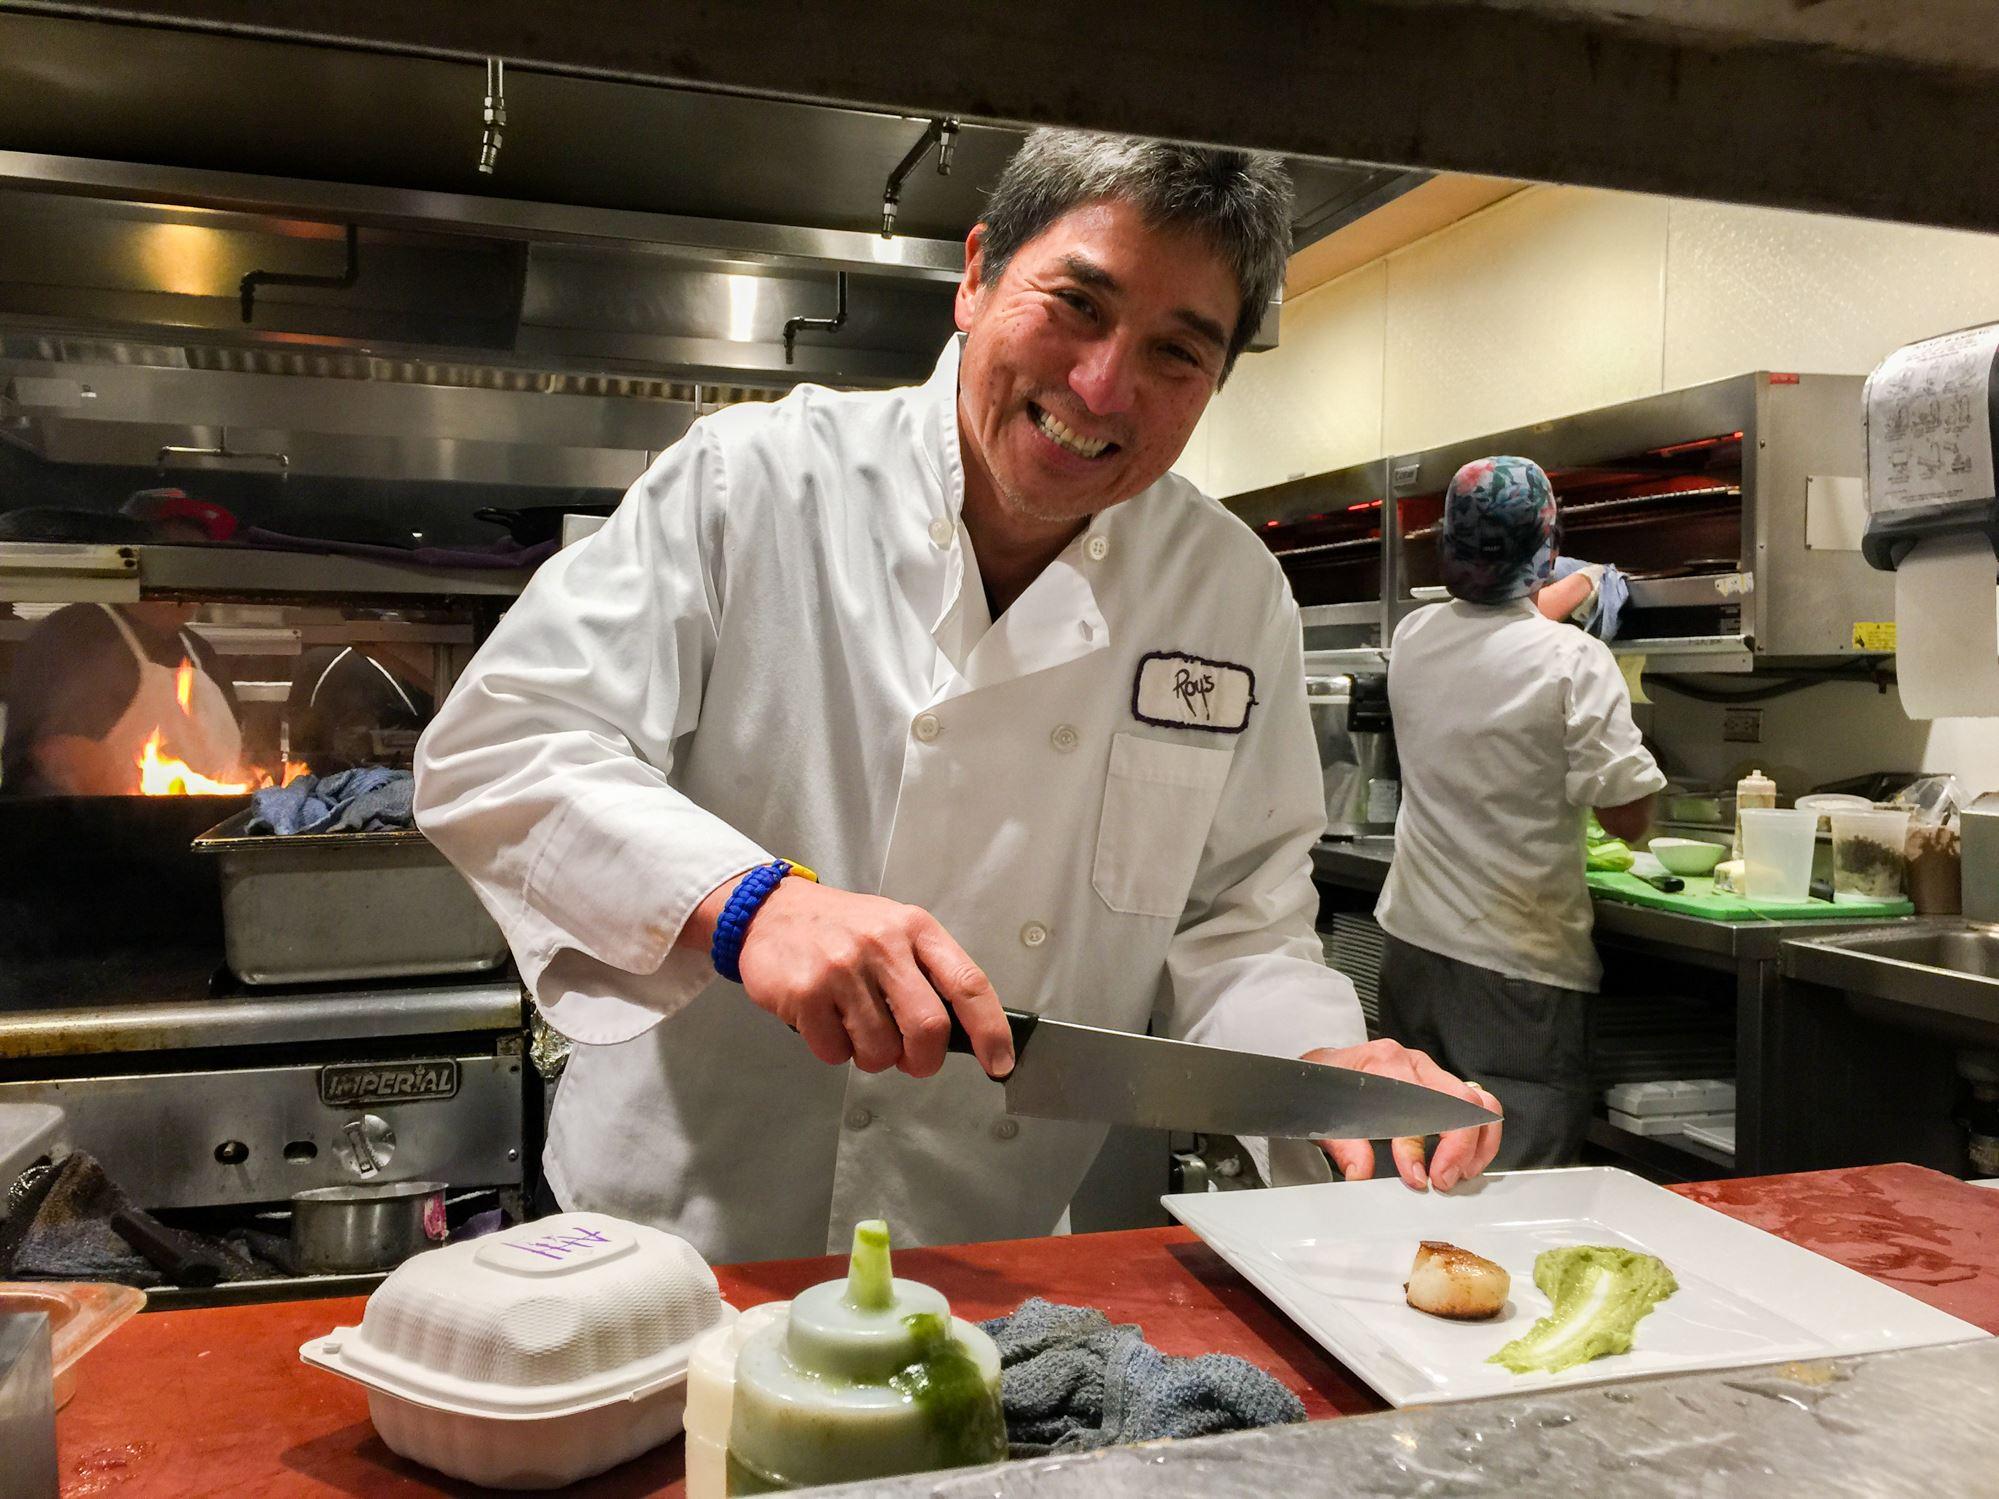 Guy Kawasaki at Roy's Restaurant